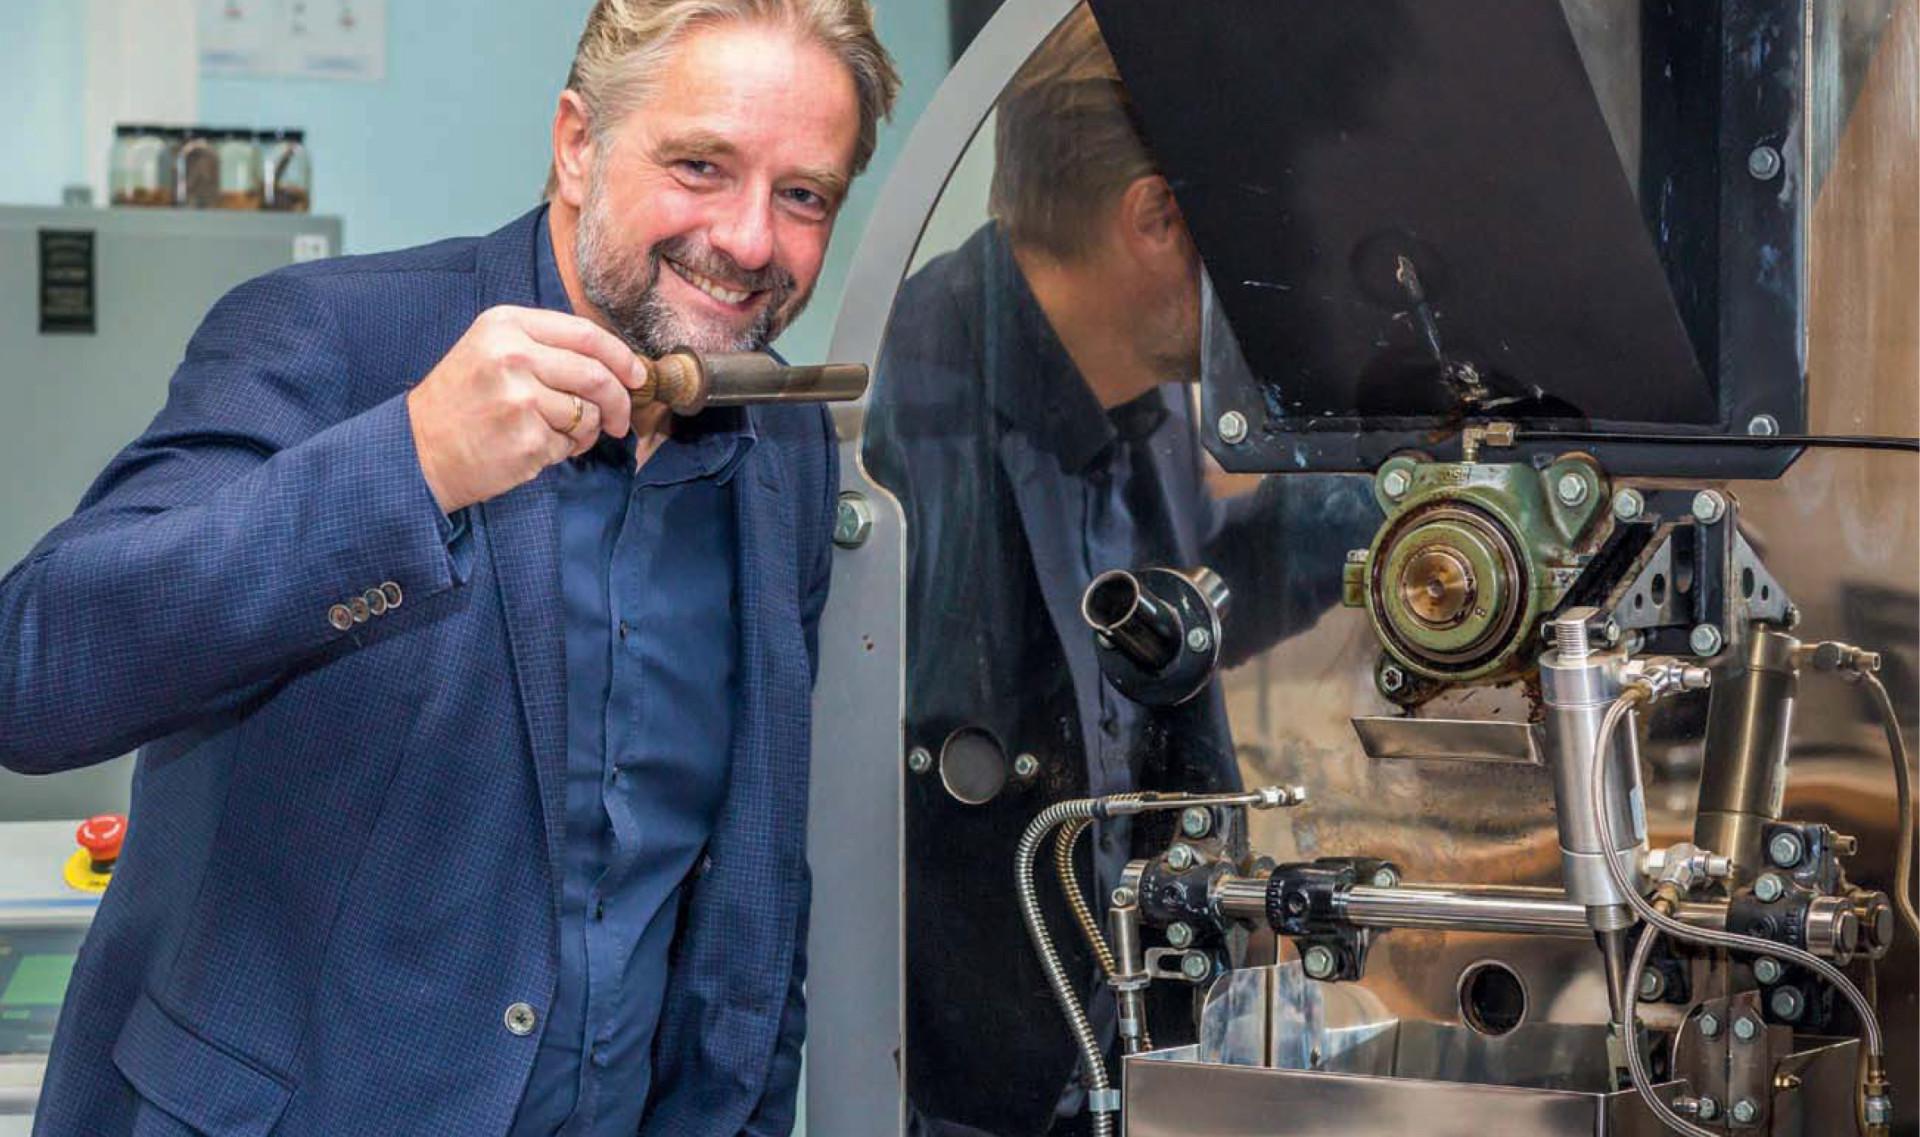 Brandmeesters koffie geschiedenis lammert brouwers koffiebranderij amsterdam haarlem